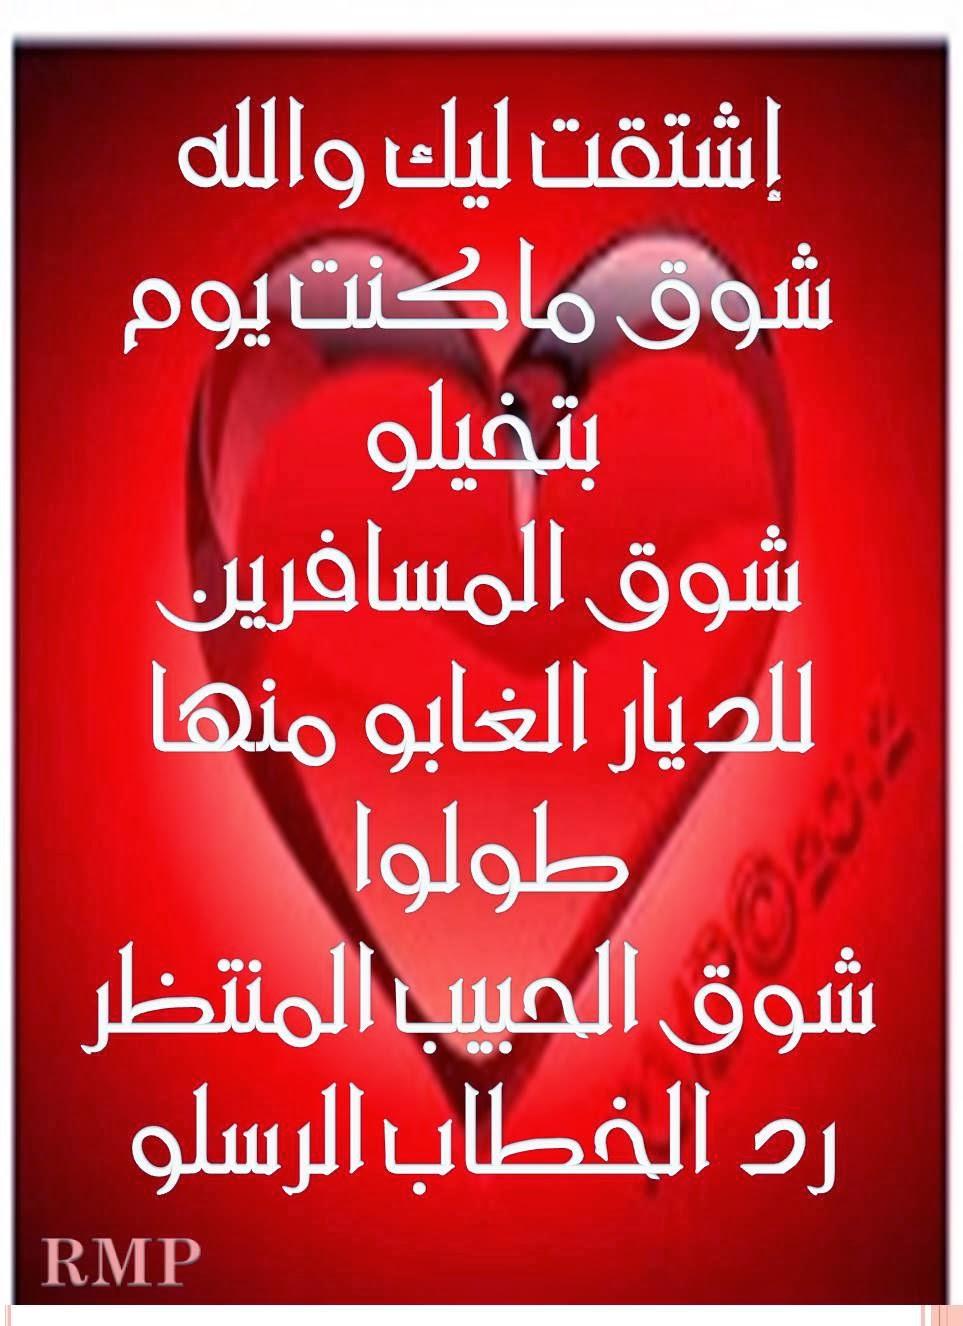 بالصور شعر عن الشوق , ابيات من اشعار رومانسيه عن الحب والاشواق 2617 4